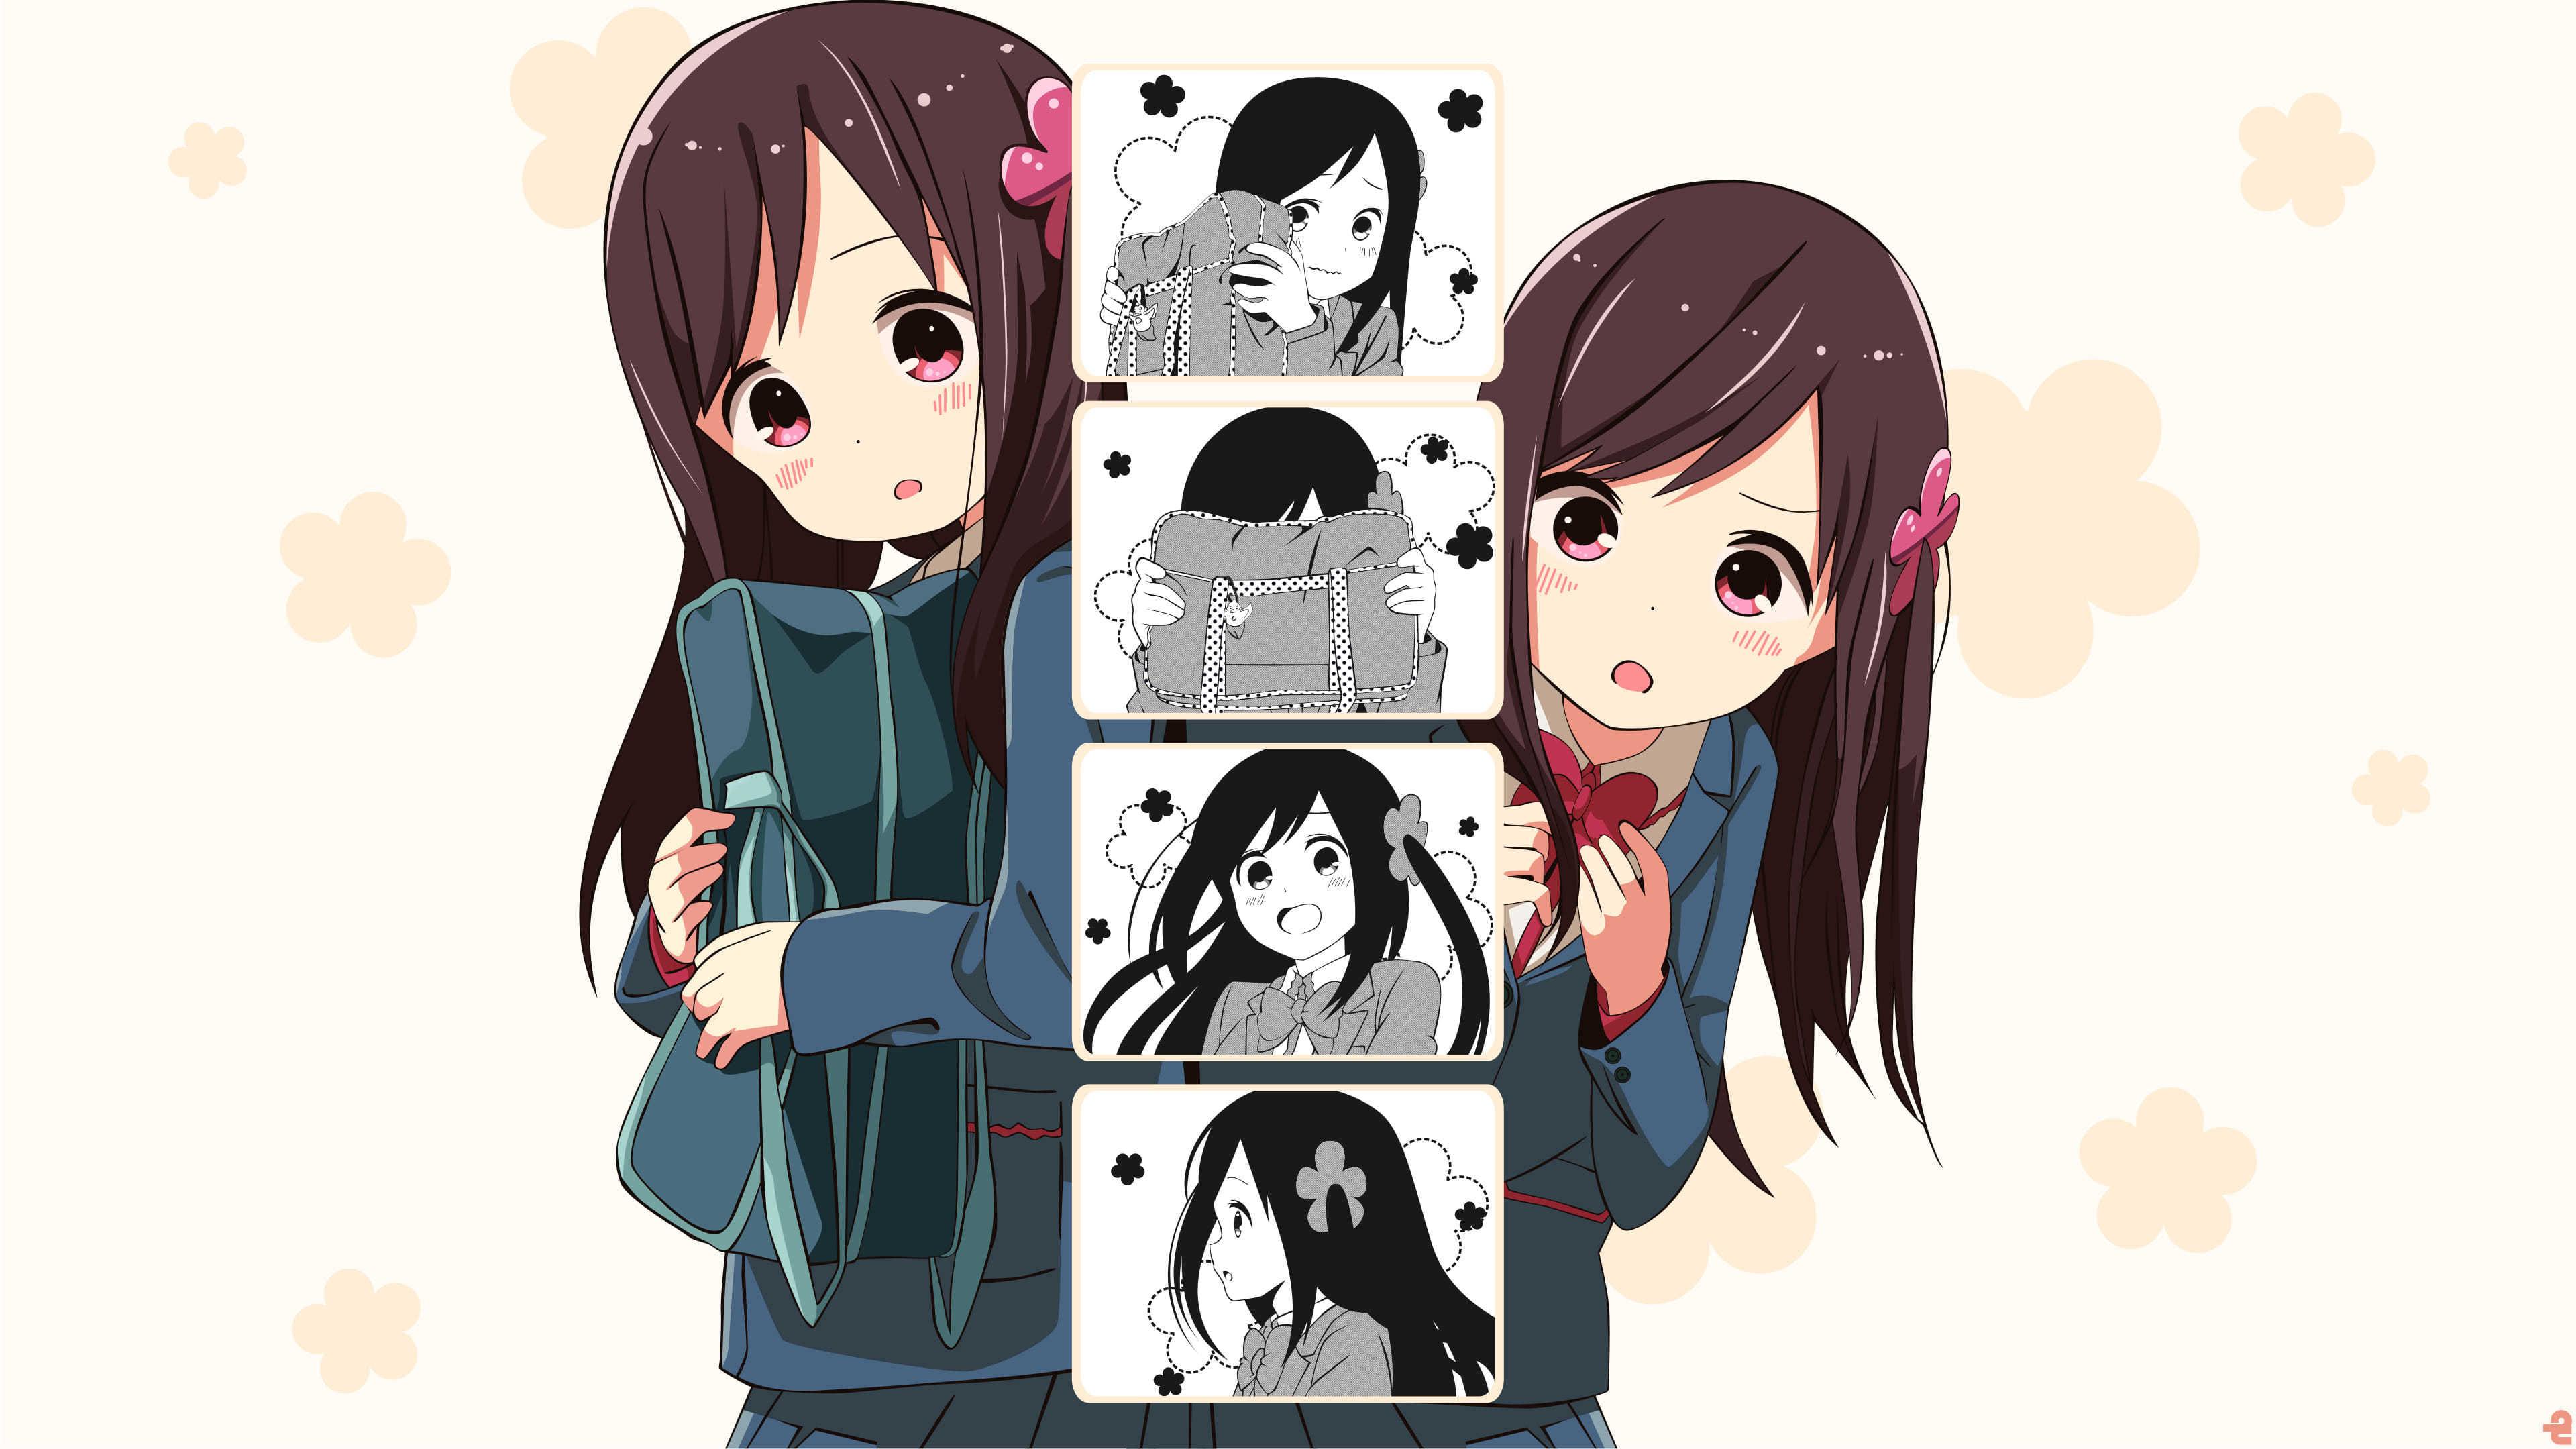 [Imagen: hitori-bocchi-no-marumaru-seikatsu-uhd-4k-wallpaper.jpg]